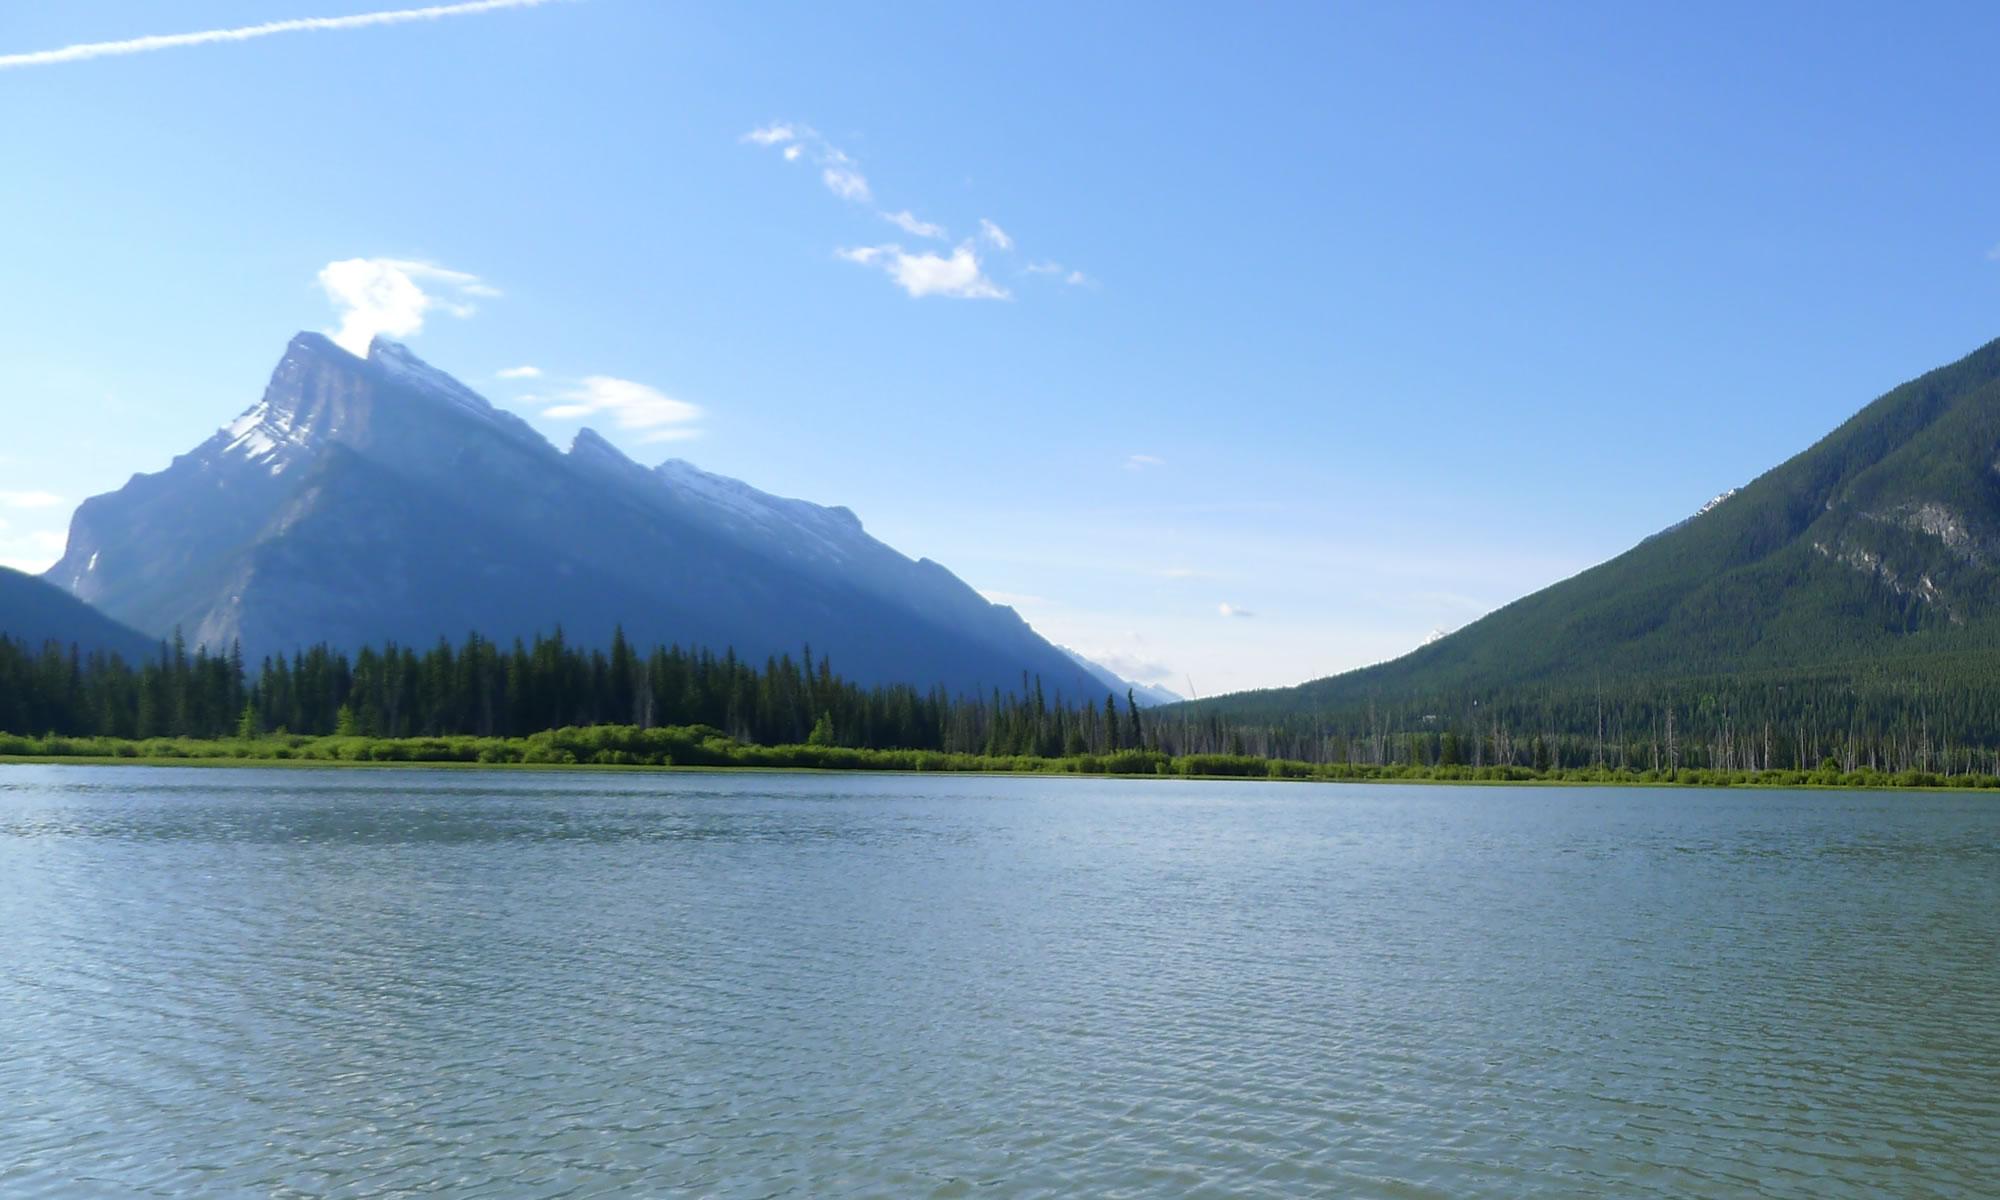 Digital Banff - Banff, Alberta, Canada